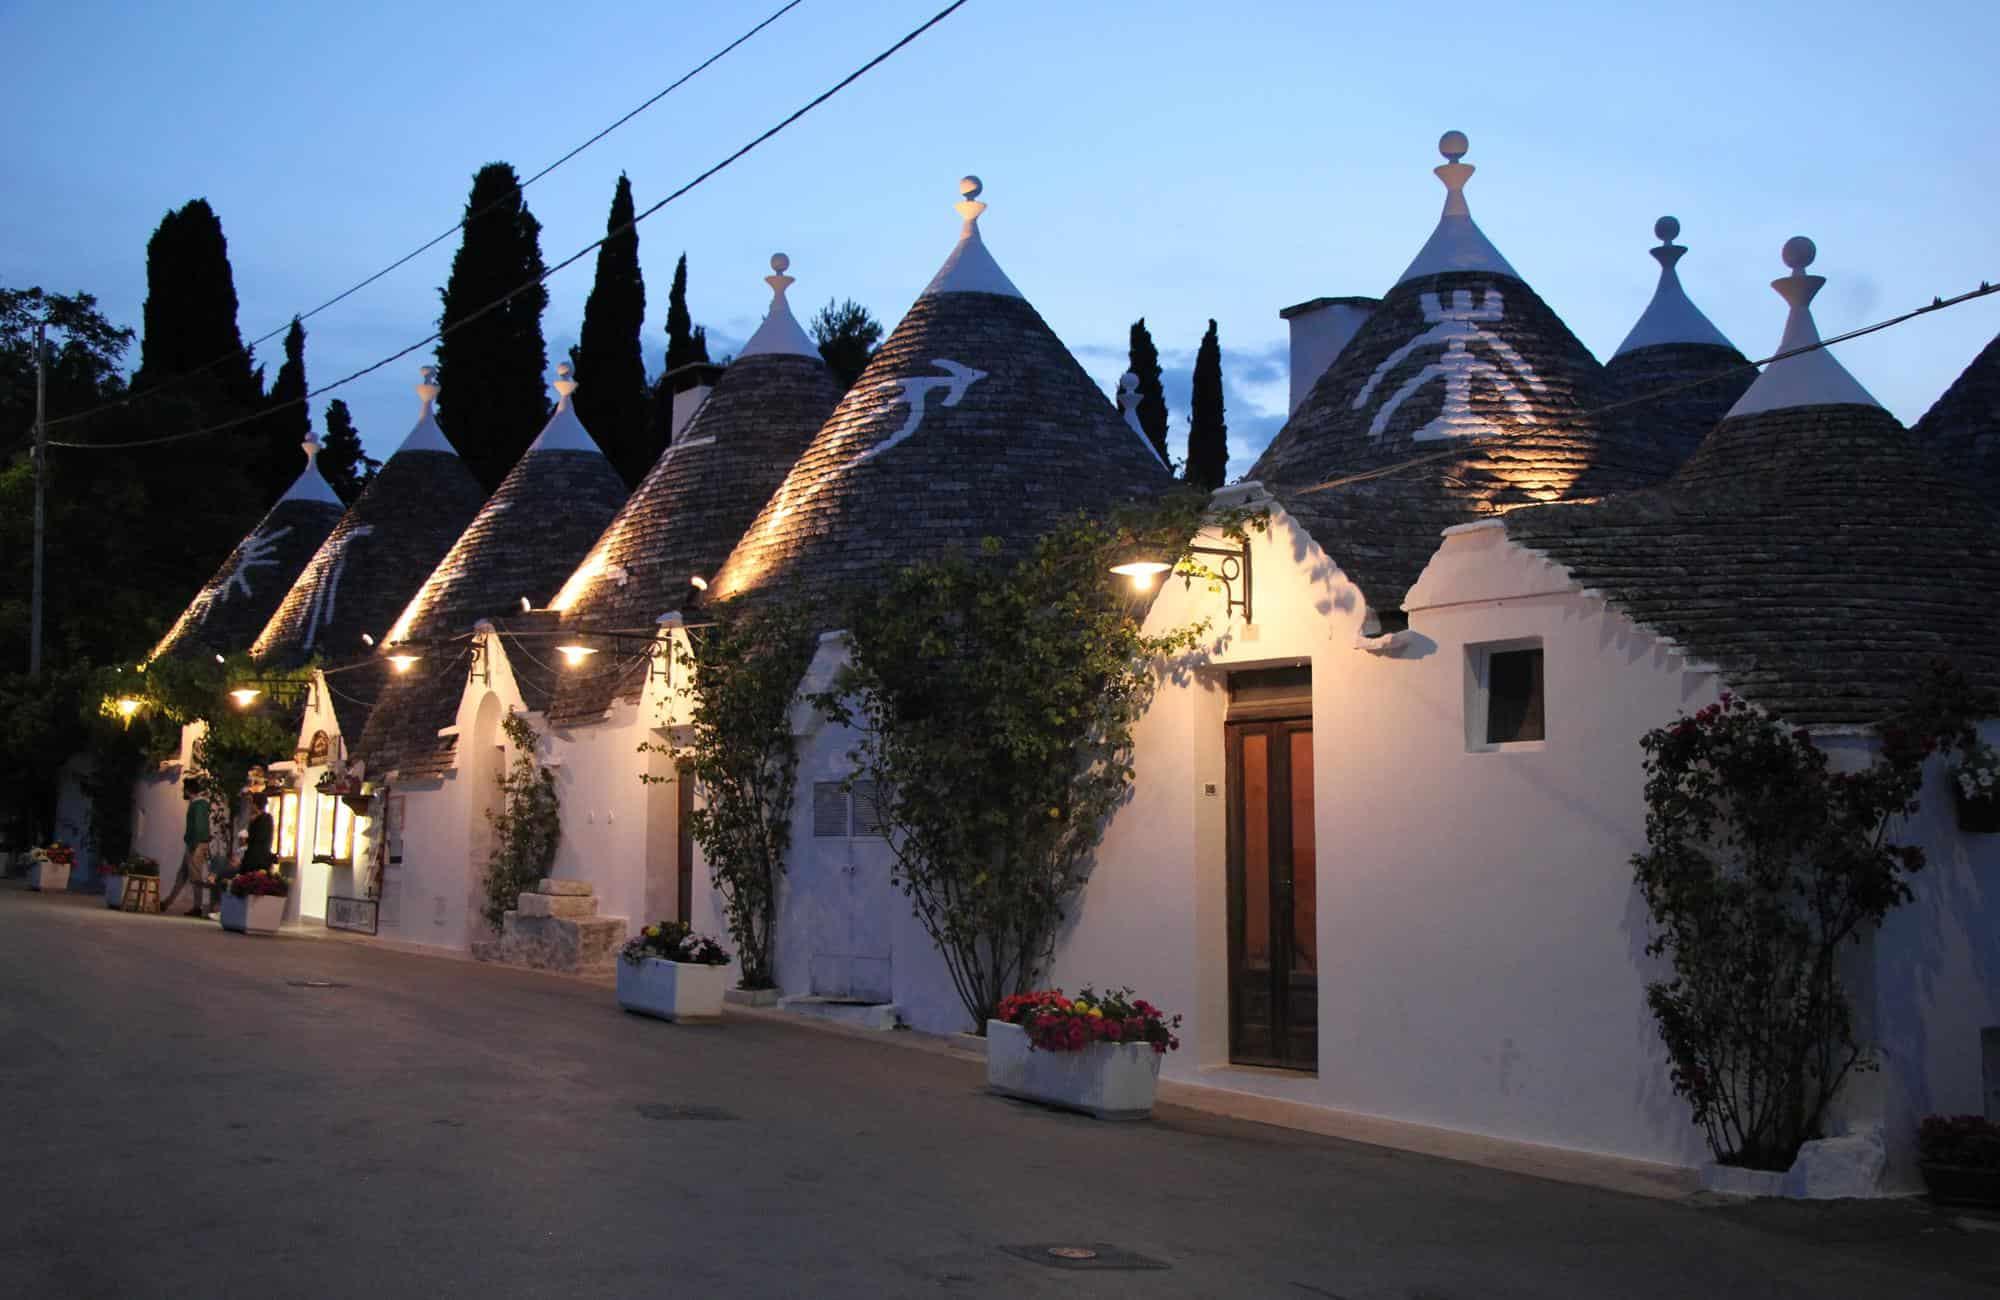 Voyage en Italie - Alberobello de nuit - Amplitudes